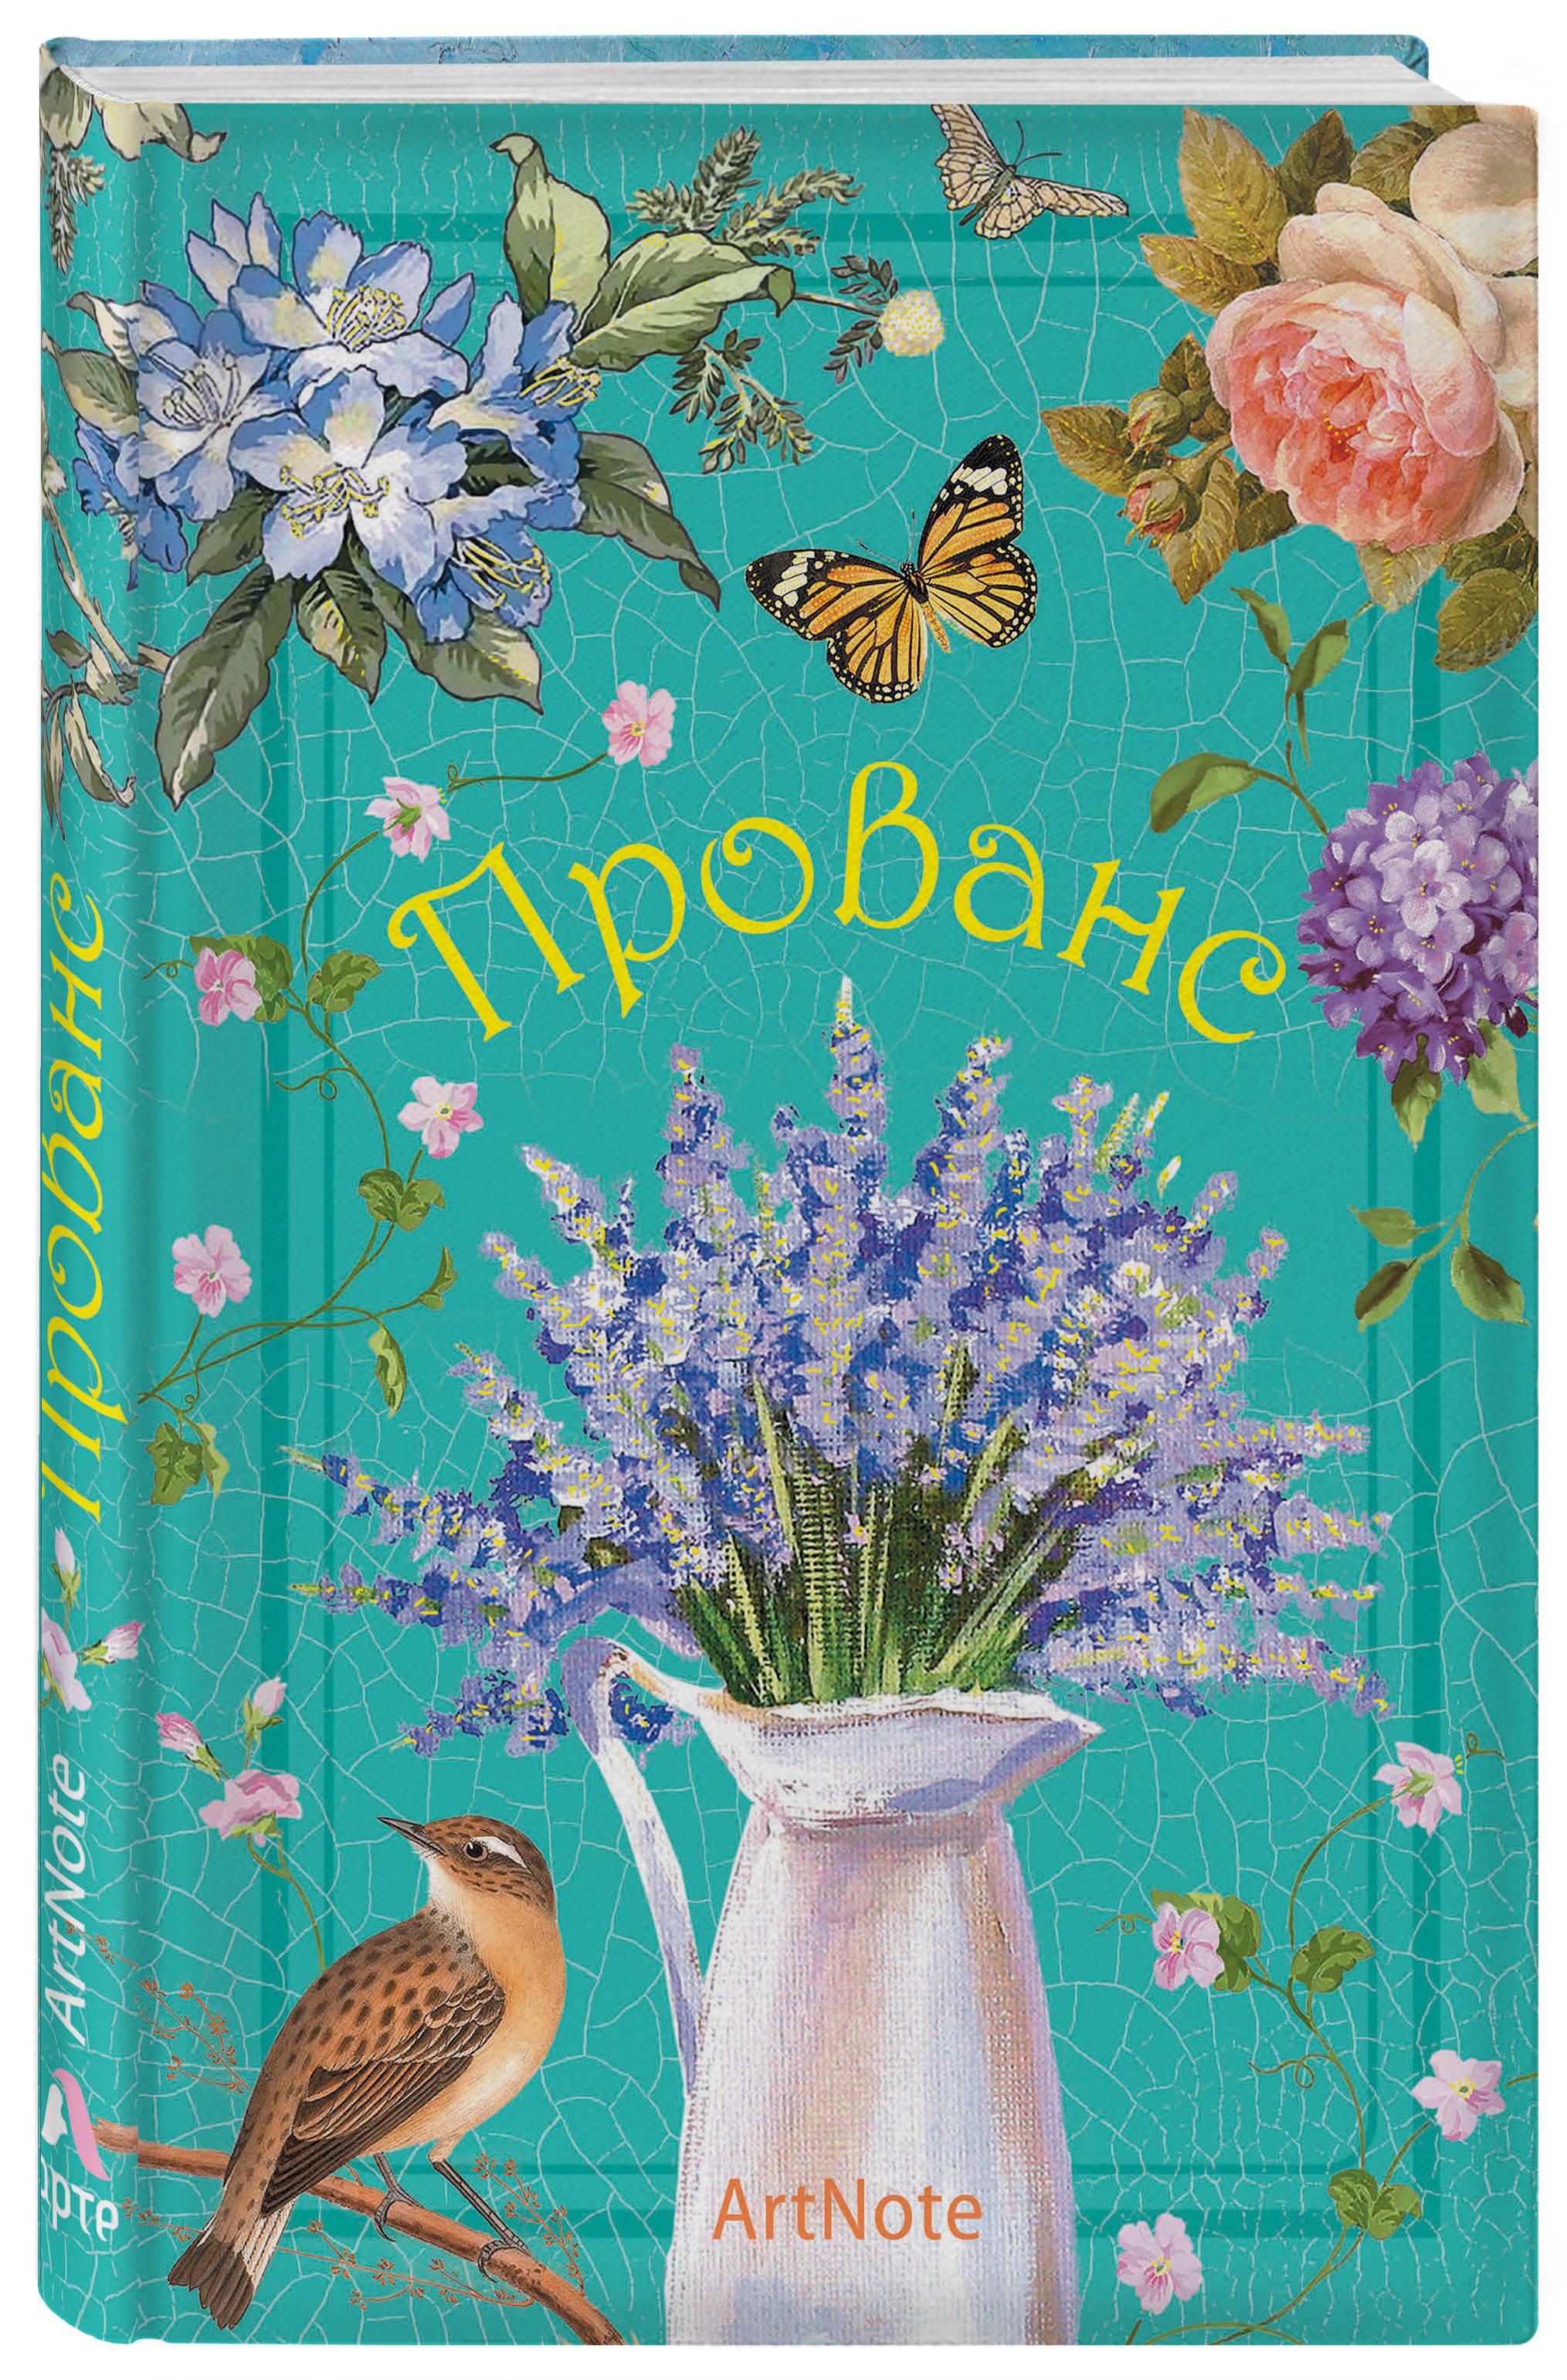 Прованс. ArtNote (цветы и птицы) (Арте) моне artnote кувшинки арте